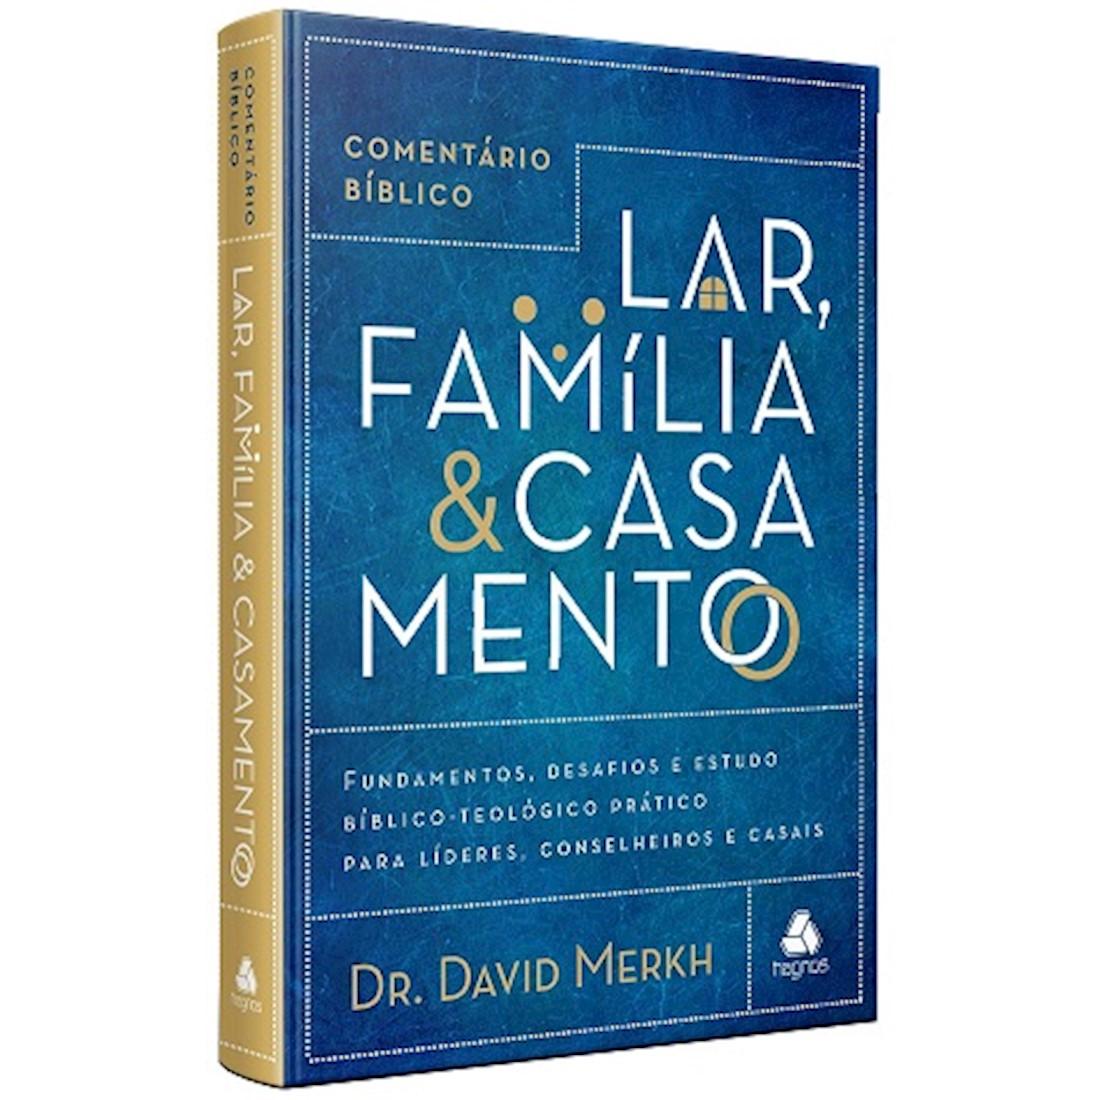 Comentário Bíblico - Lar, Família e Casamento (Capa Dura)